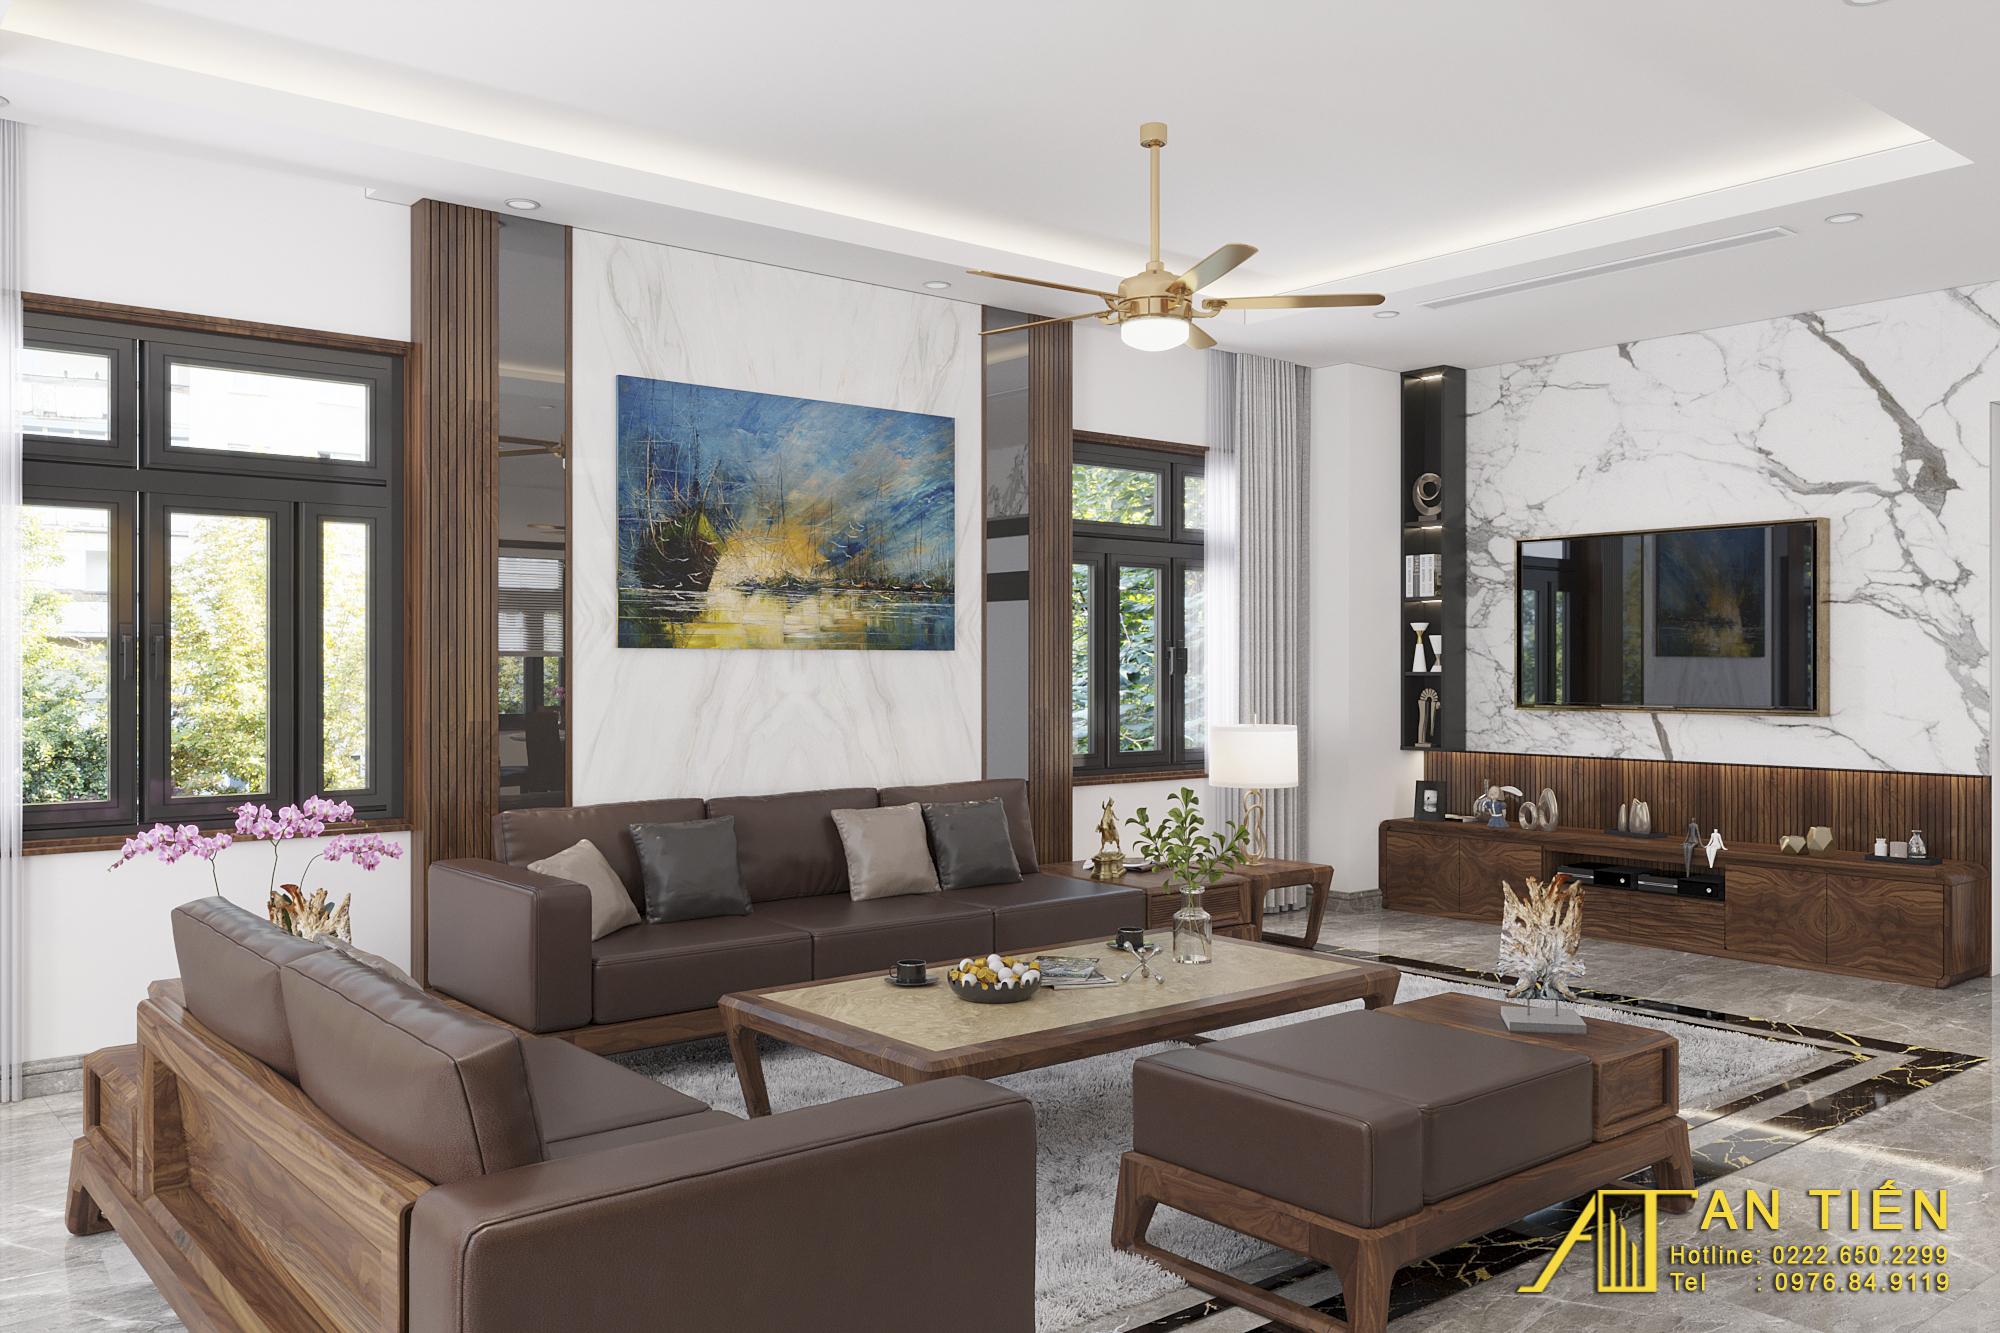 Thiết kế nội thất Biệt Thự tại Bắc Ninh Biệt thự phong cách đồng gia 1625737878 0